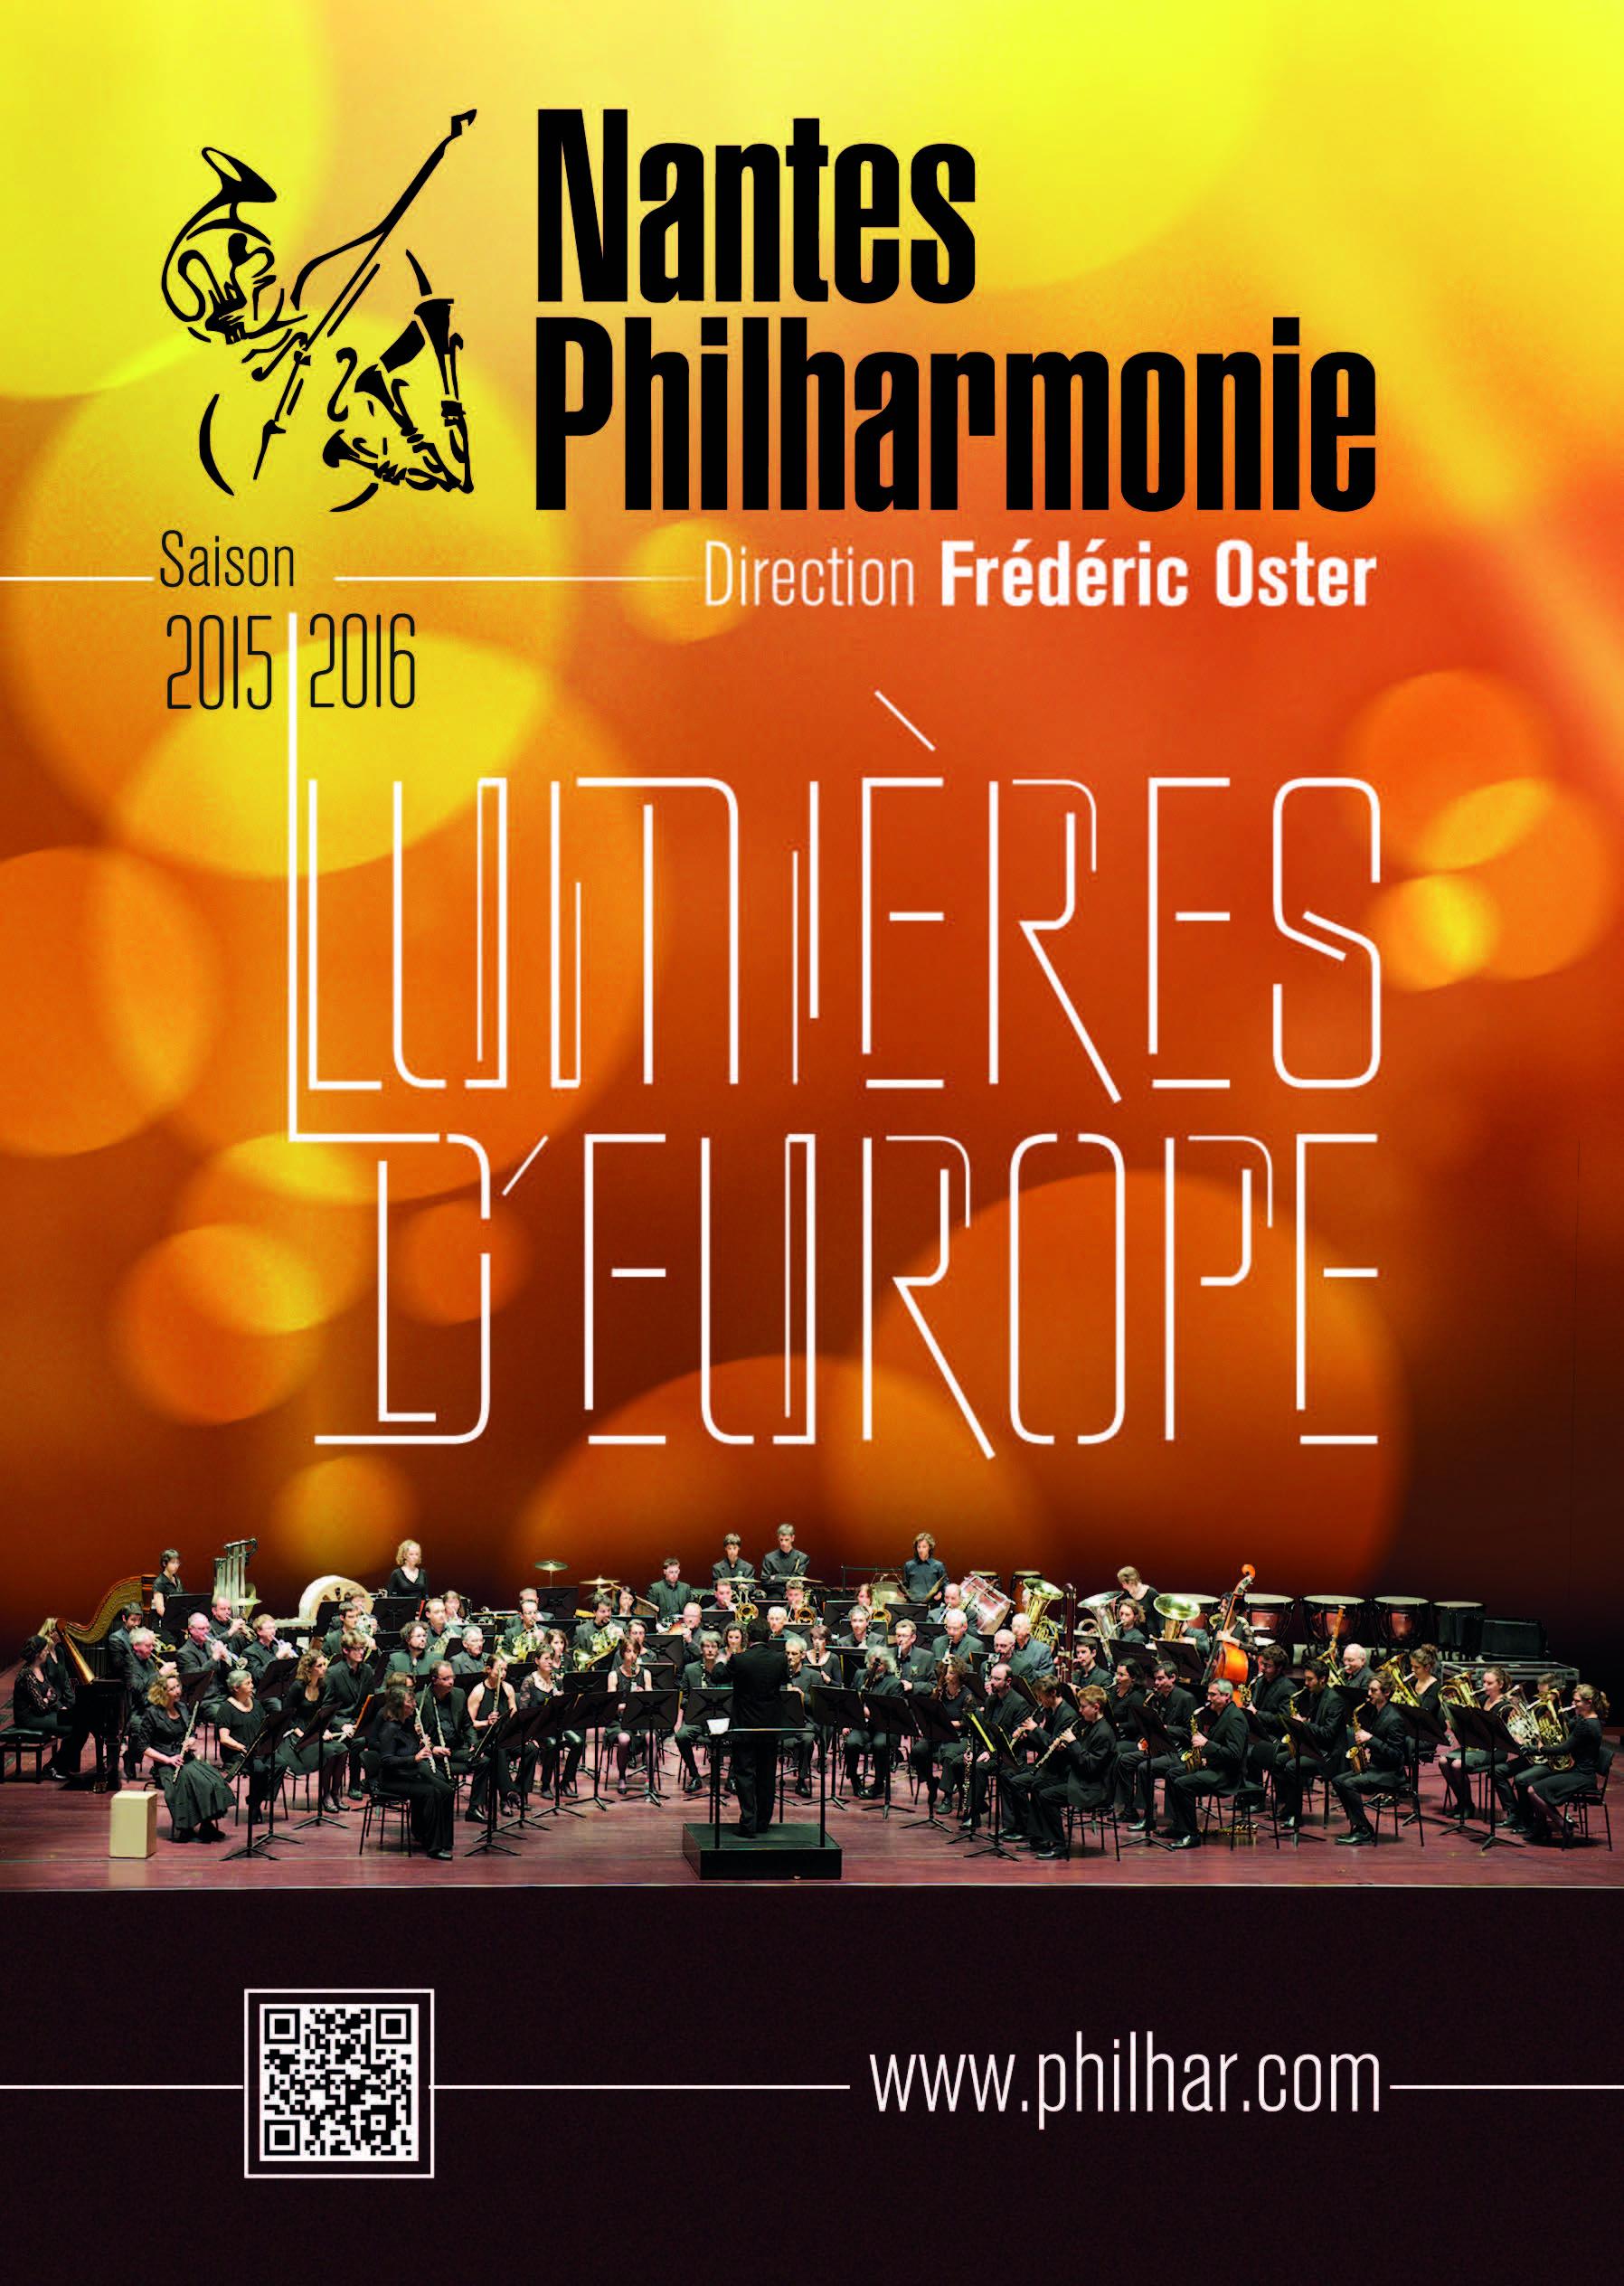 Saison 2015/2016 – Lumières d'Europe